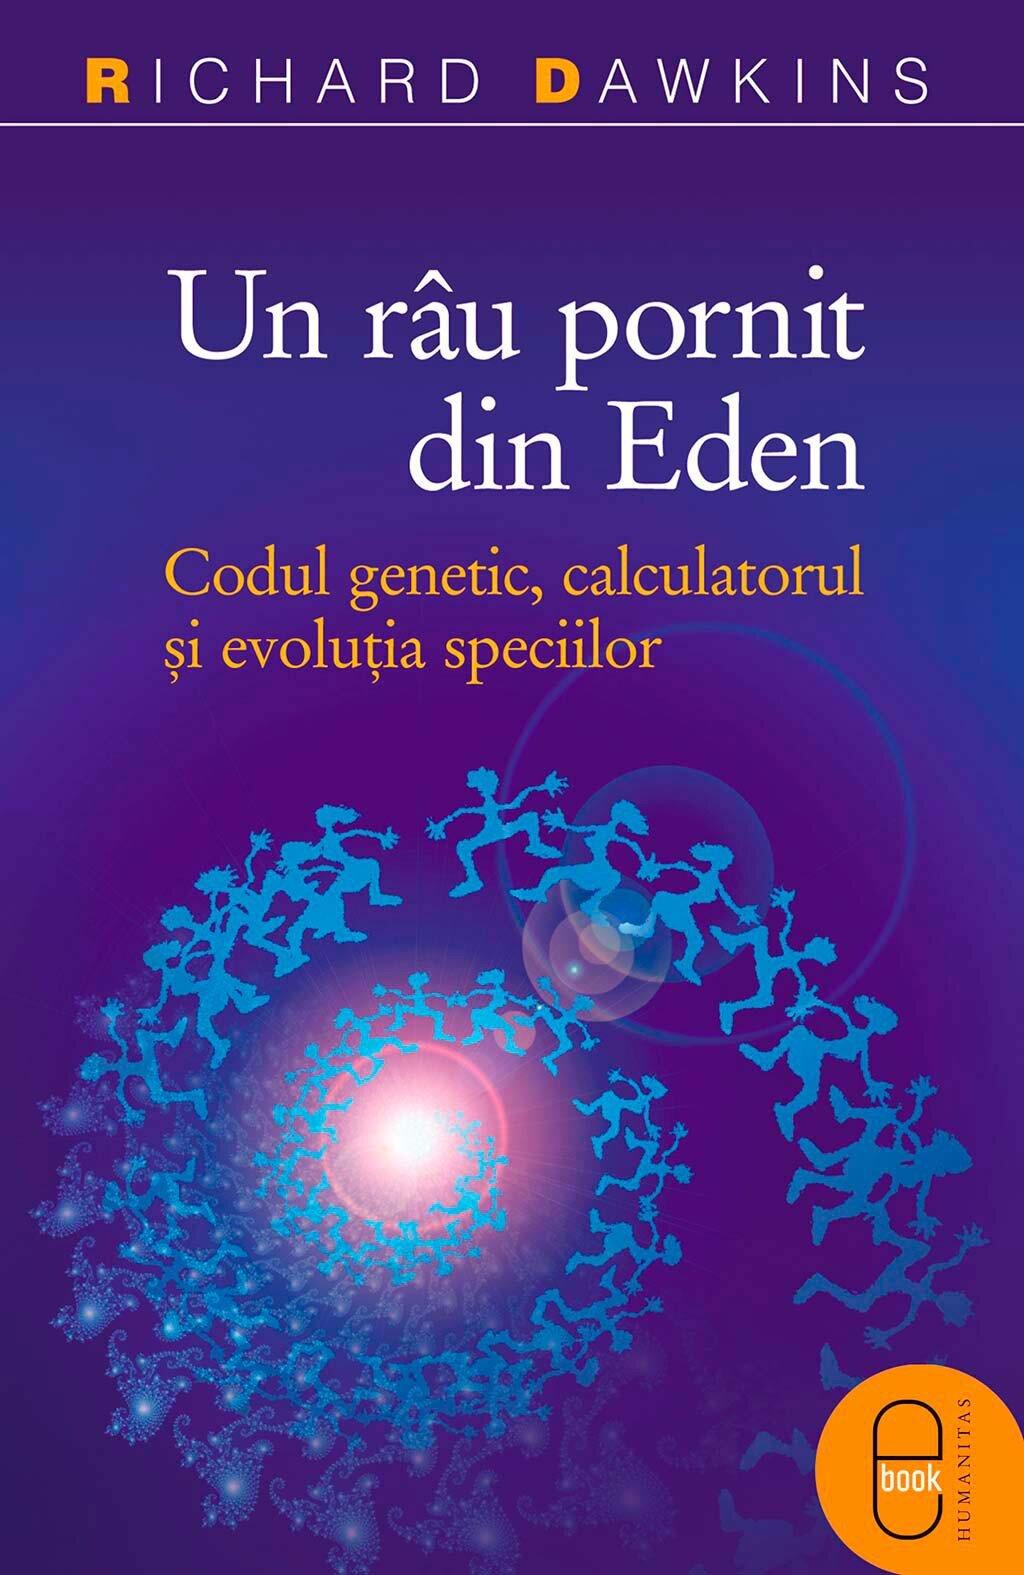 Un rau pornit din Eden. Codul genetic, calculatorul si evolutia speciilor (eBook)